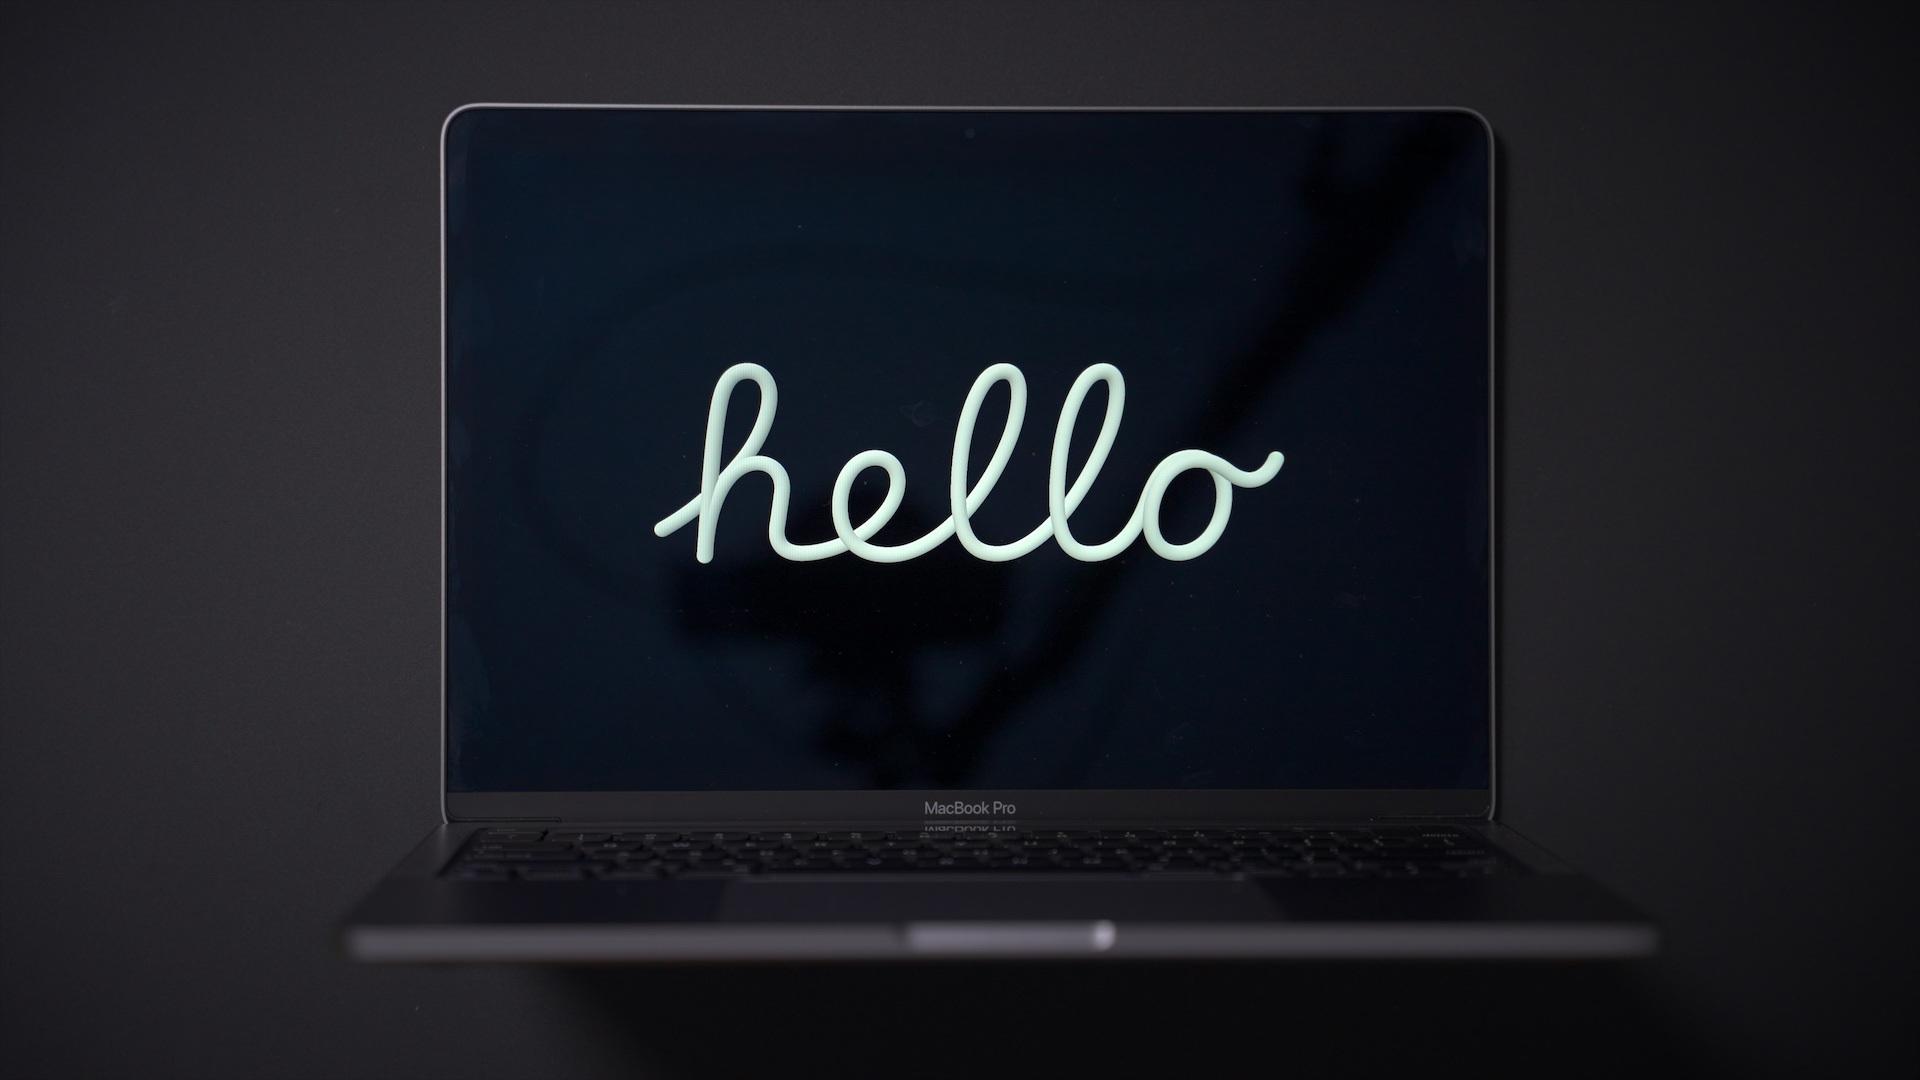 iOS 15, MacBook Pro và những thứ đáng chờ đợi tại WWDC 2021 - 4